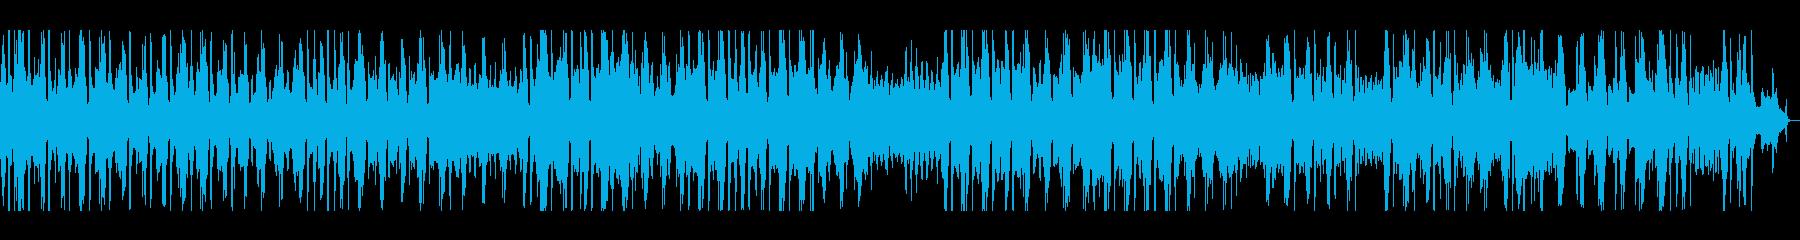 エスニック。フォークバイオリンソロ...の再生済みの波形